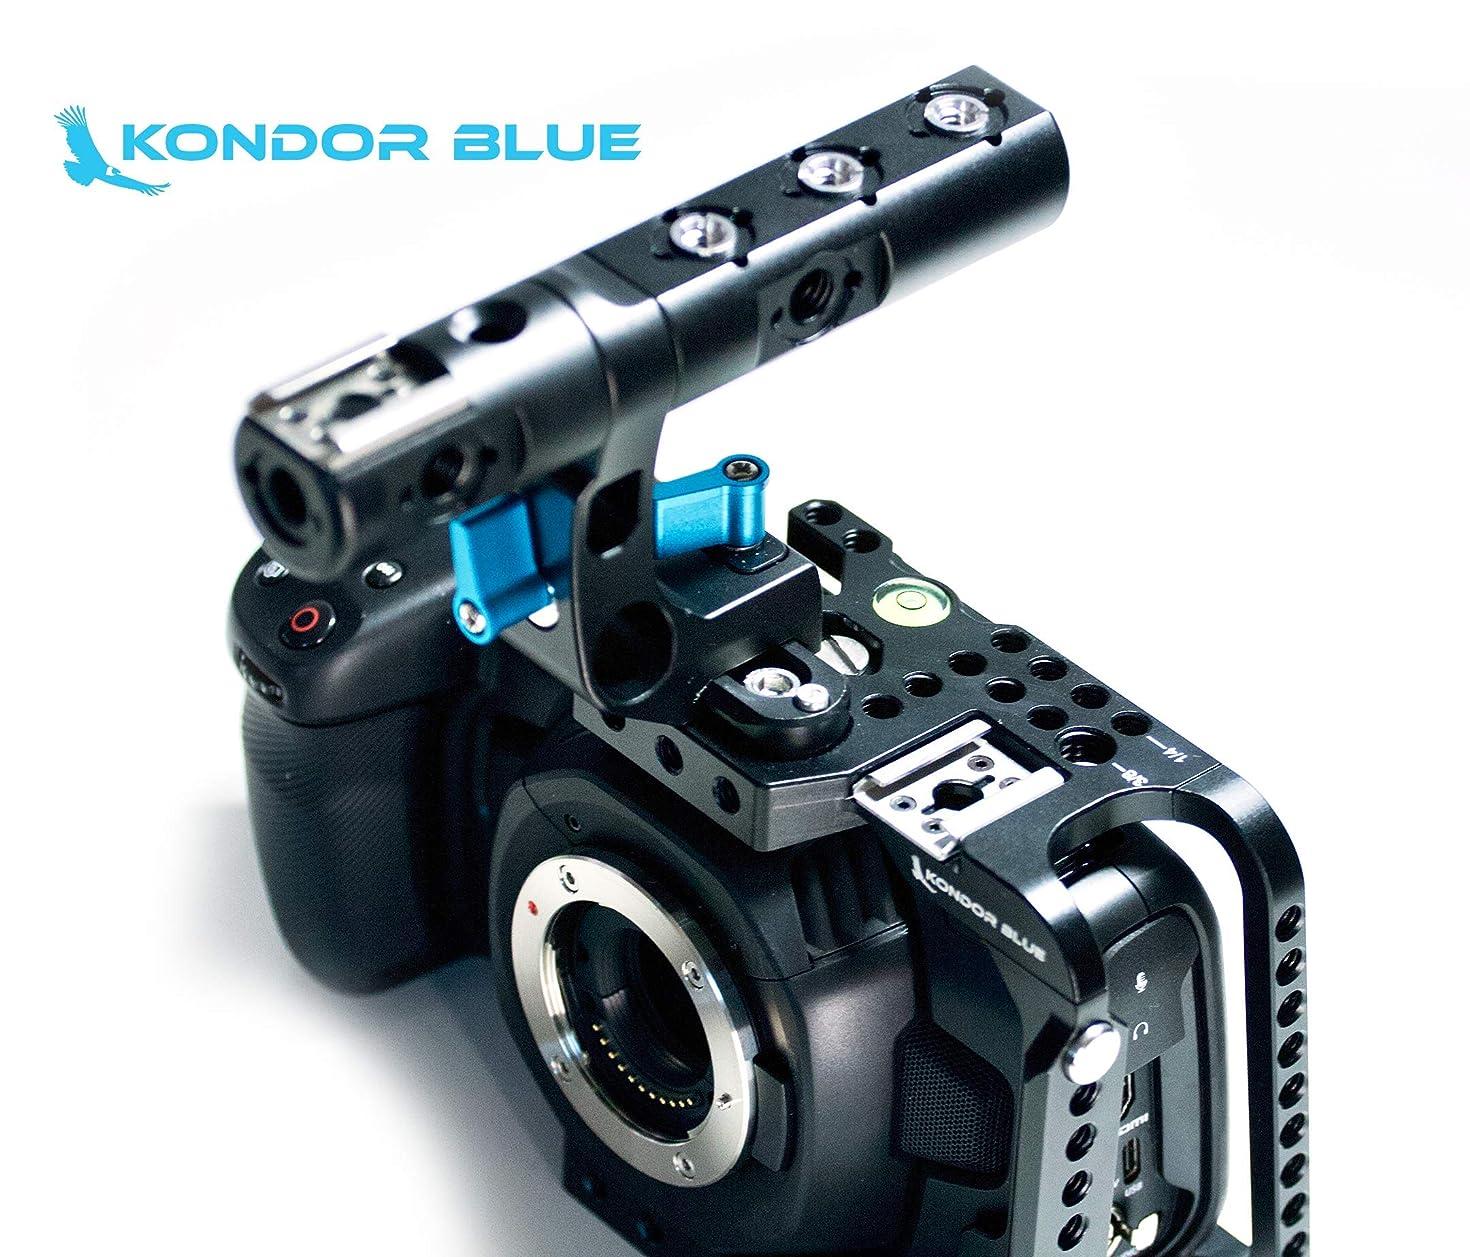 KONDOR BLUE BMPCC 4K Half Cage Rig for Blackmagic Pocket Cinema Camera 4K with Top Handle, NATO Rails, 15mm Rod, Cold Shoe, Bubble Leveler and Optional T5 SSD Holder & Metabones Speedbooster Bracket!